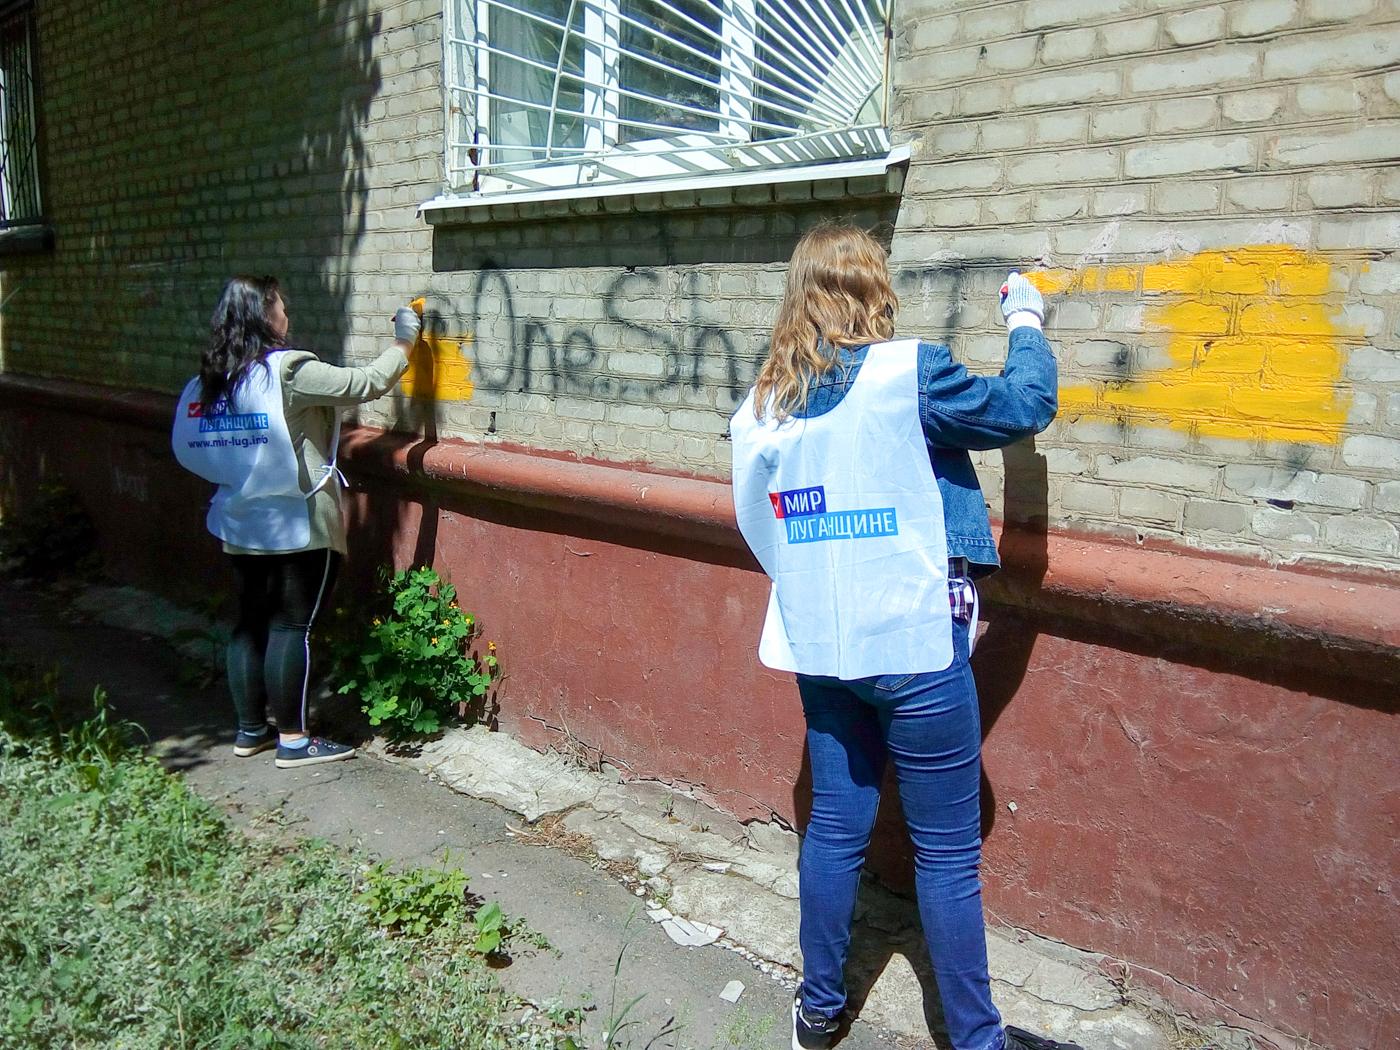 В рамках акции «Стоп наркотикам!» активисты Луганска закрасили адреса наркоторговцев